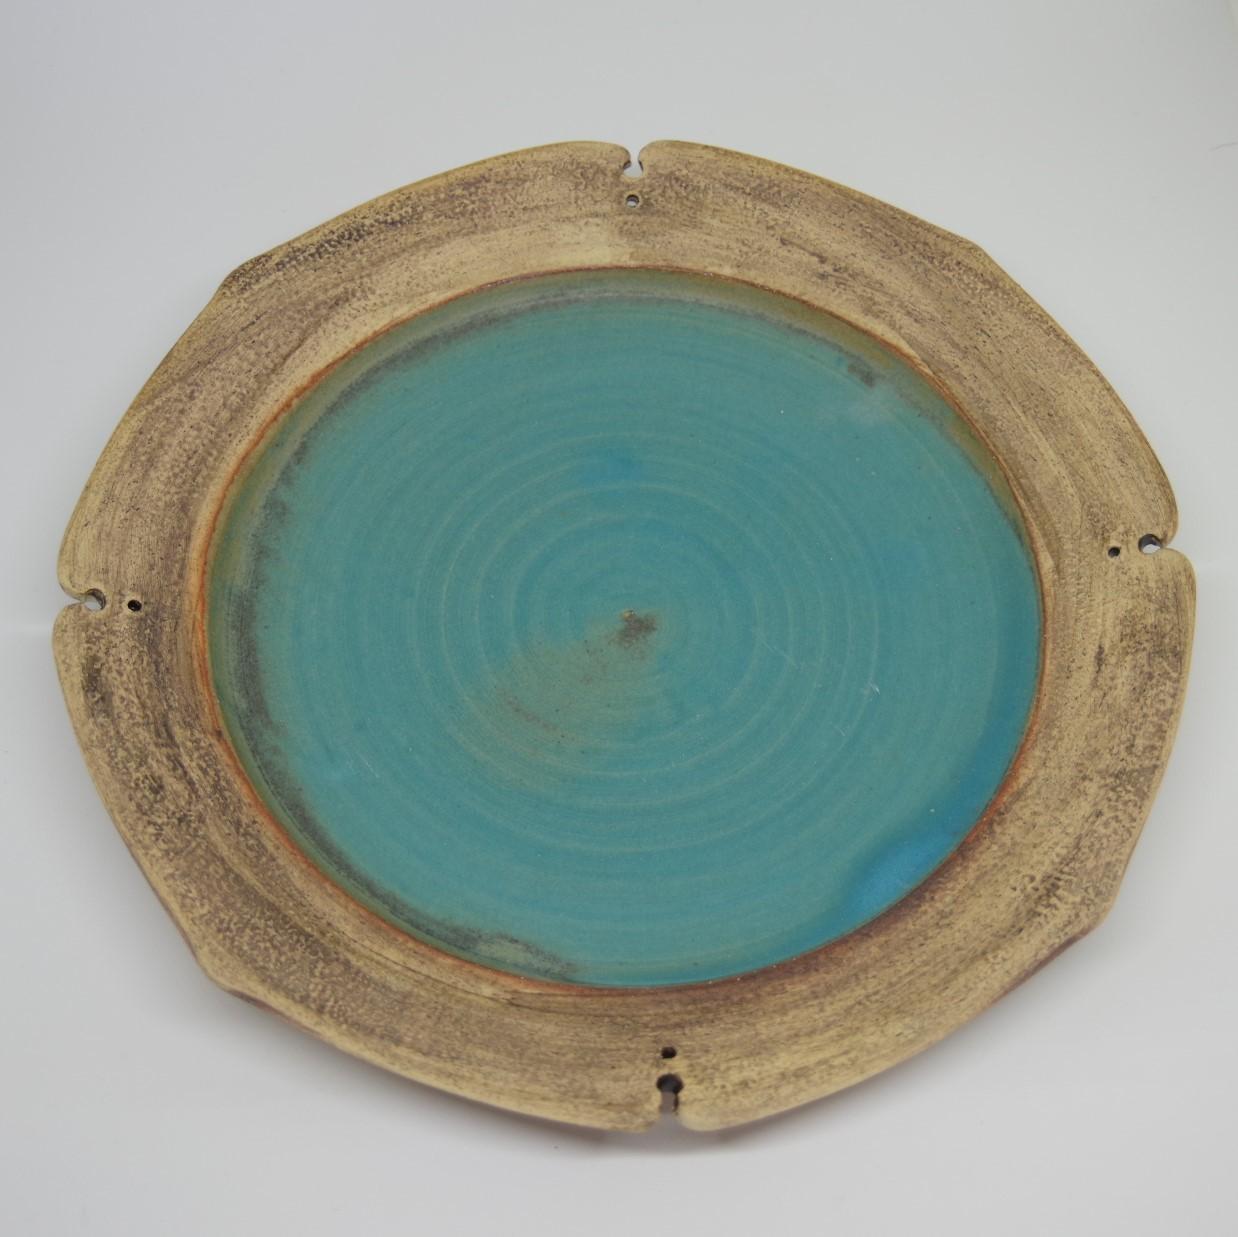 やちむん【空~KOO~】リンカ皿 8寸